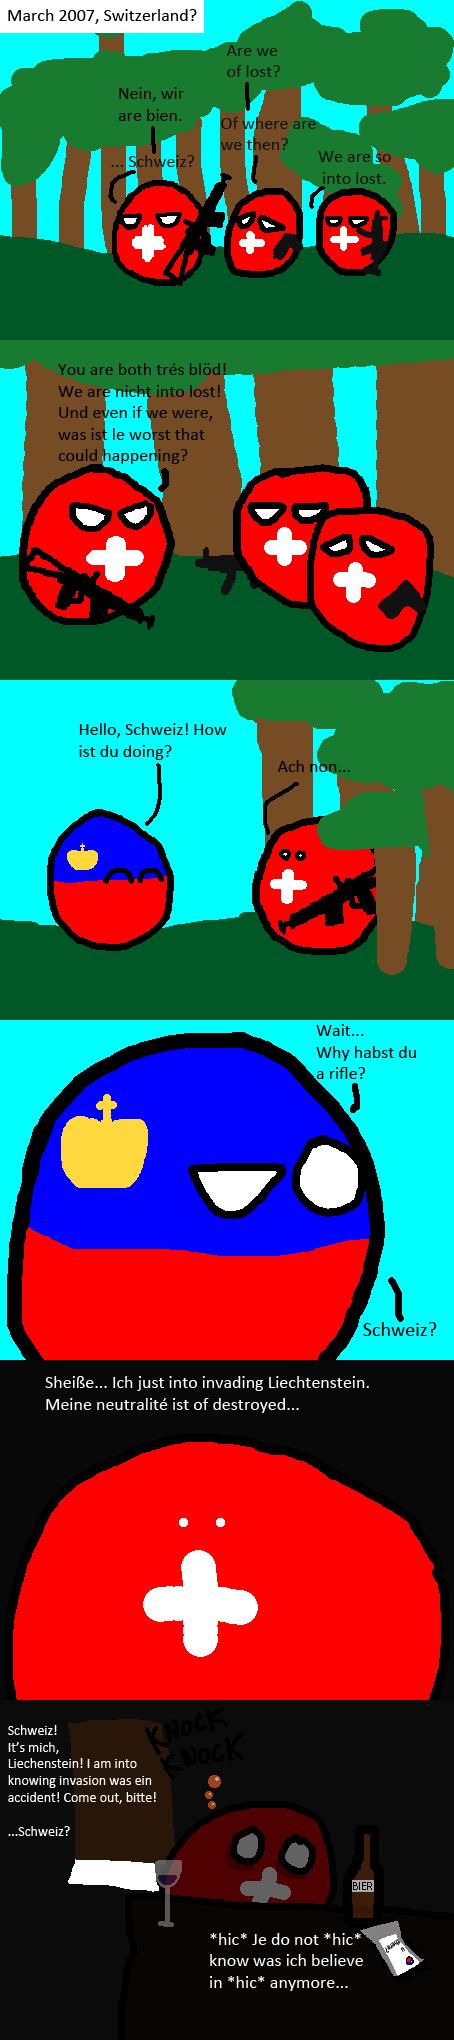 zUTVeuB by SoaringAven